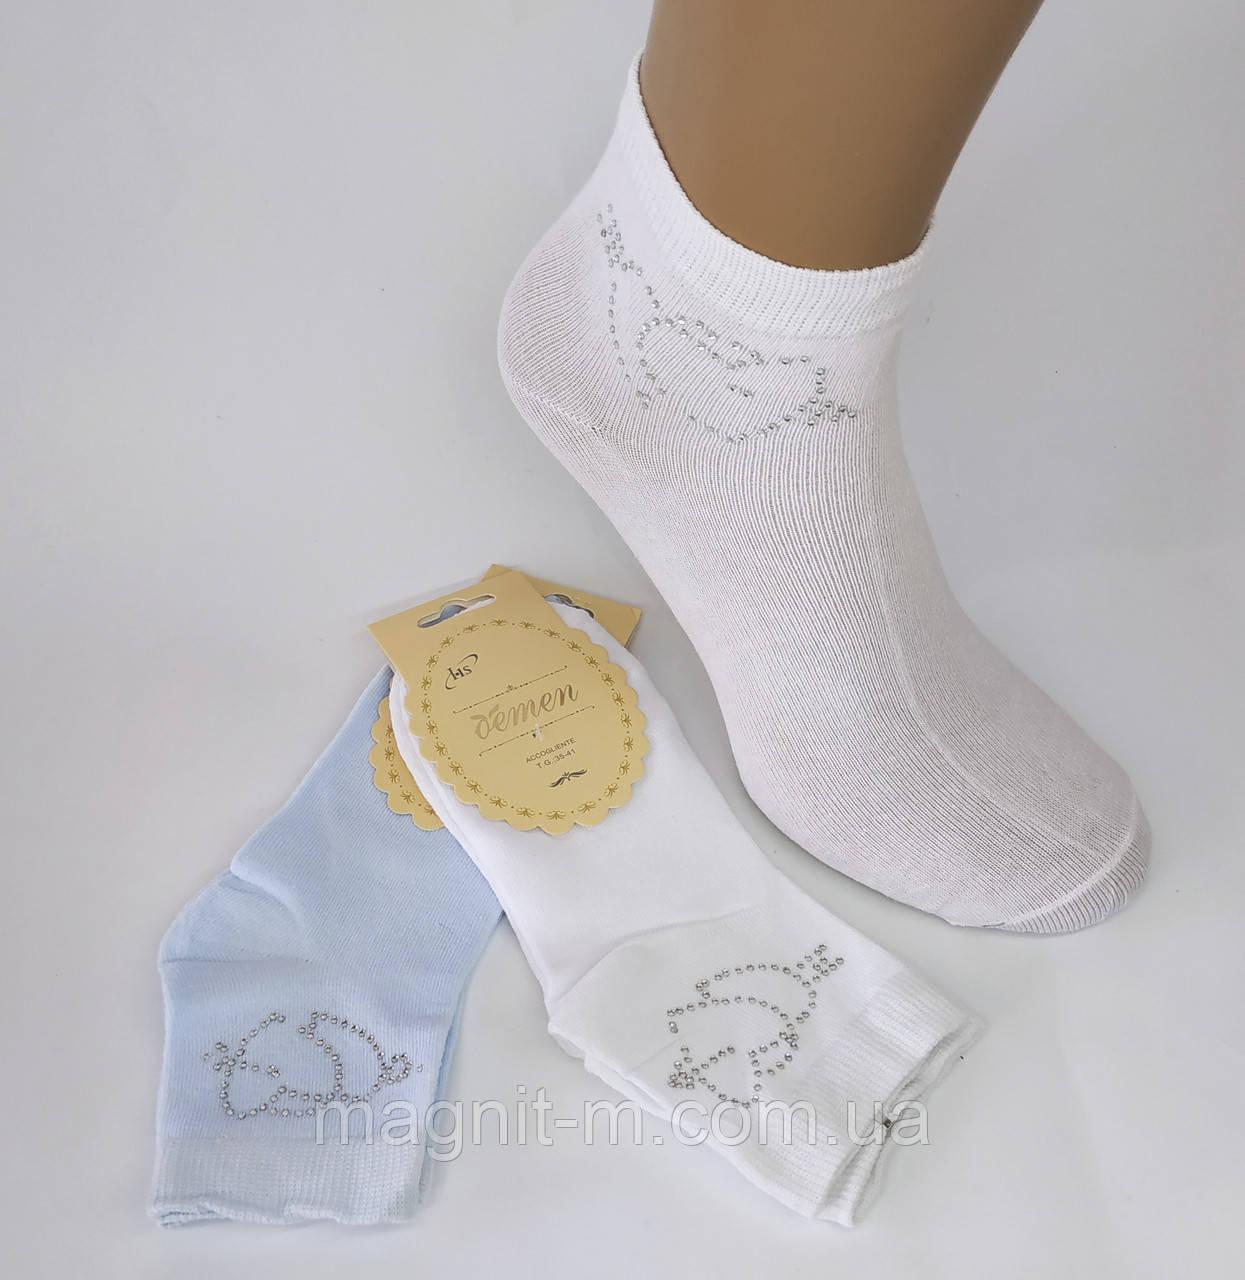 """Жіночі укорочені стрейчеві шкарпетки """"Oemen"""". Бавовна. Стрази-сердечка."""